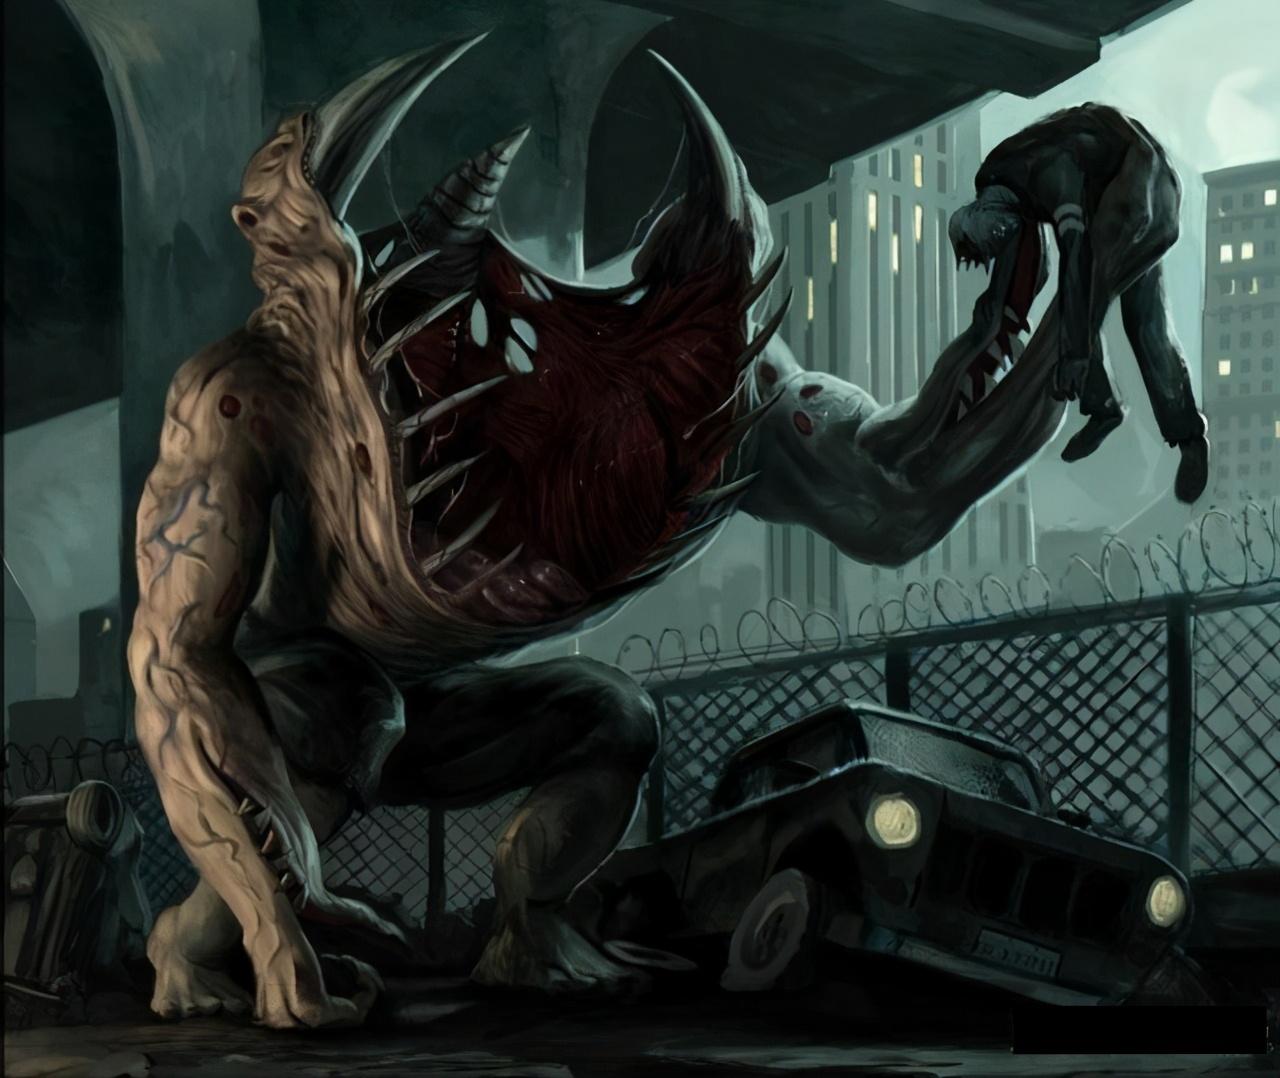 克苏鲁神话生物——古革巨人